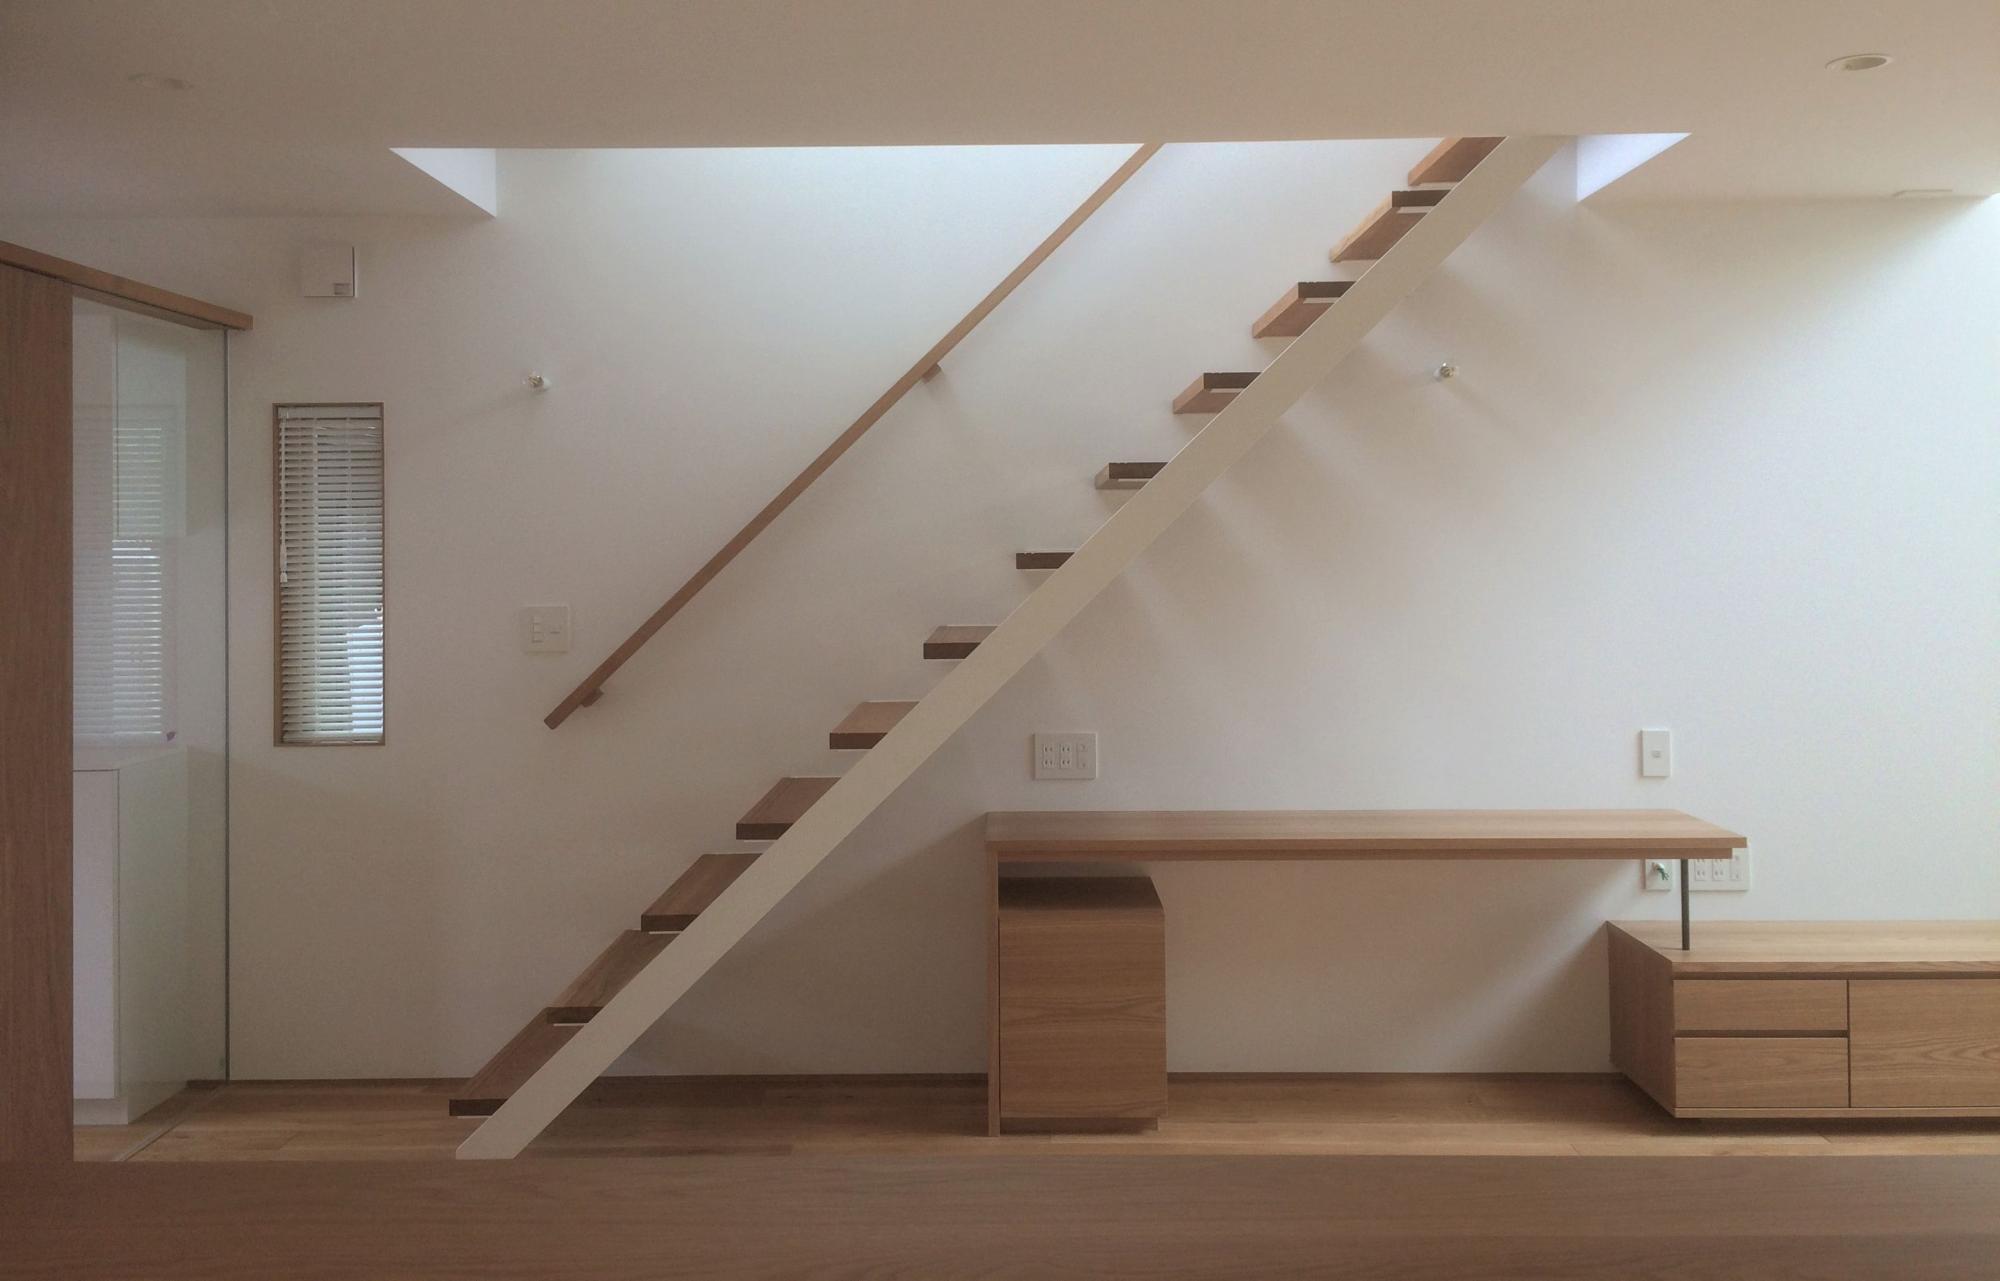 株式会社あかがわ建築設計室「斜光の家」のシンプル・ナチュラル・北欧風な階段の実例写真